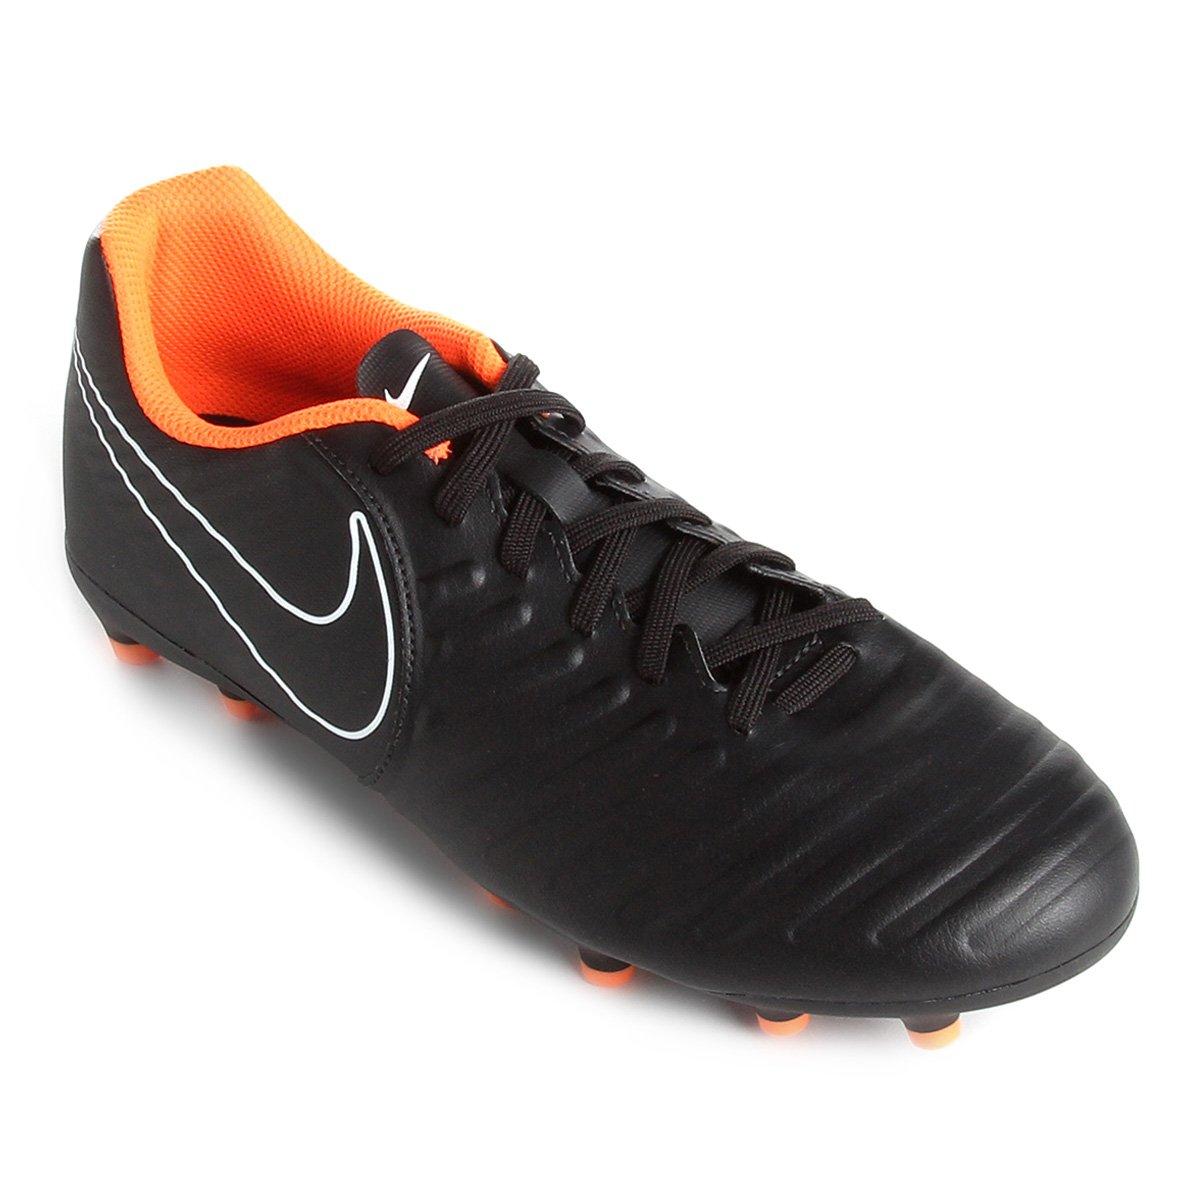 Chuteira Campo Nike Tiempo Legend 7 Club FG - Preto e Laranja - Compre  Agora  a6d09c9524428